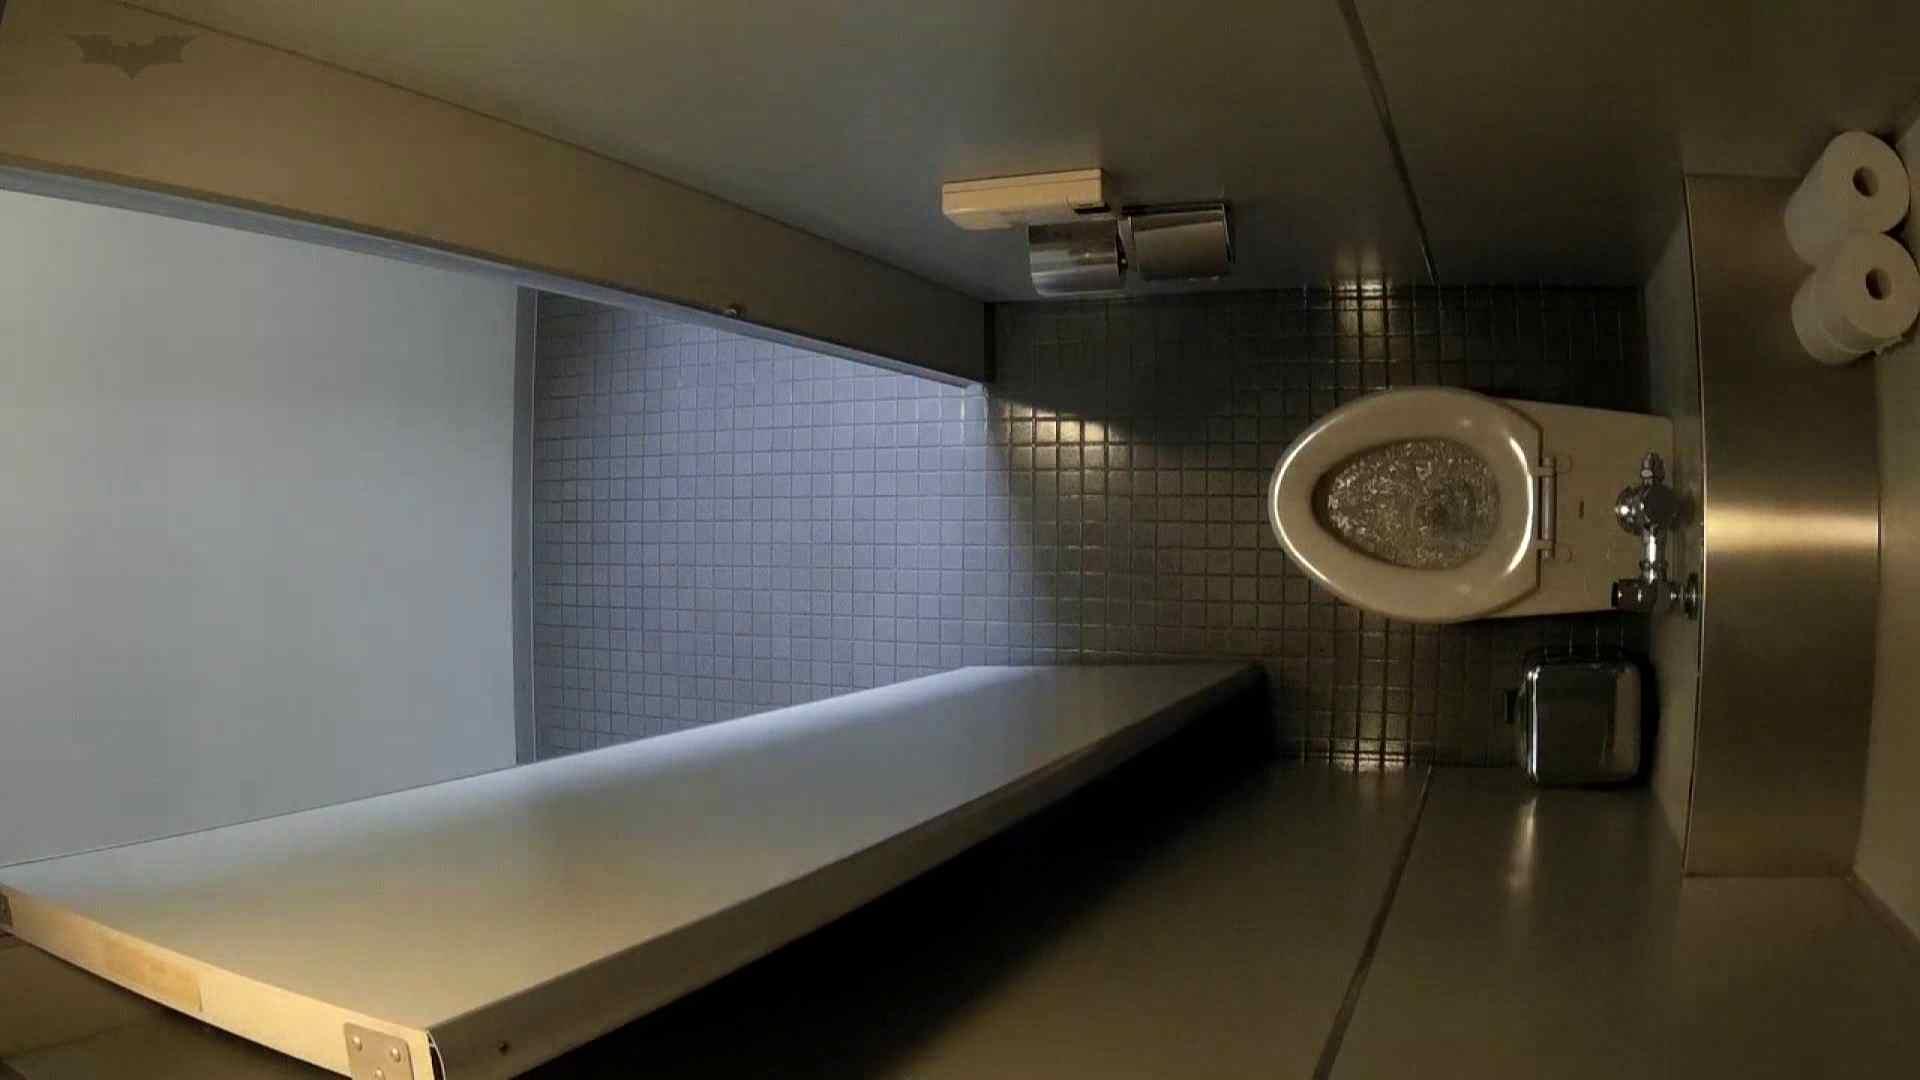 有名大学女性洗面所 vol.45 冴え渡る多方向撮影!職人技です。 潜入  98pic 13